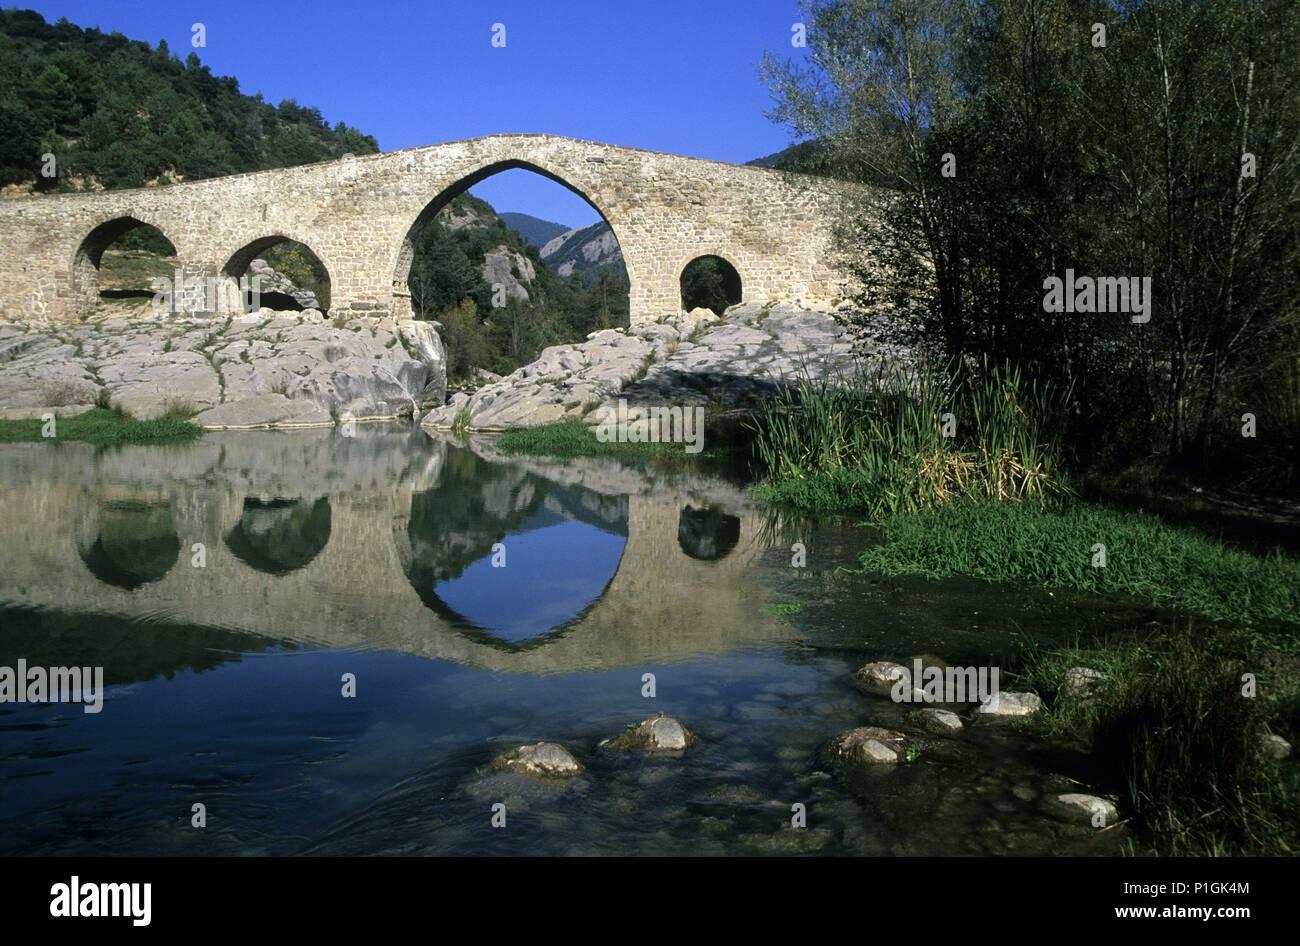 río Llobregat y puente (románico) de Pedret (cerca Berga). - Stock Image